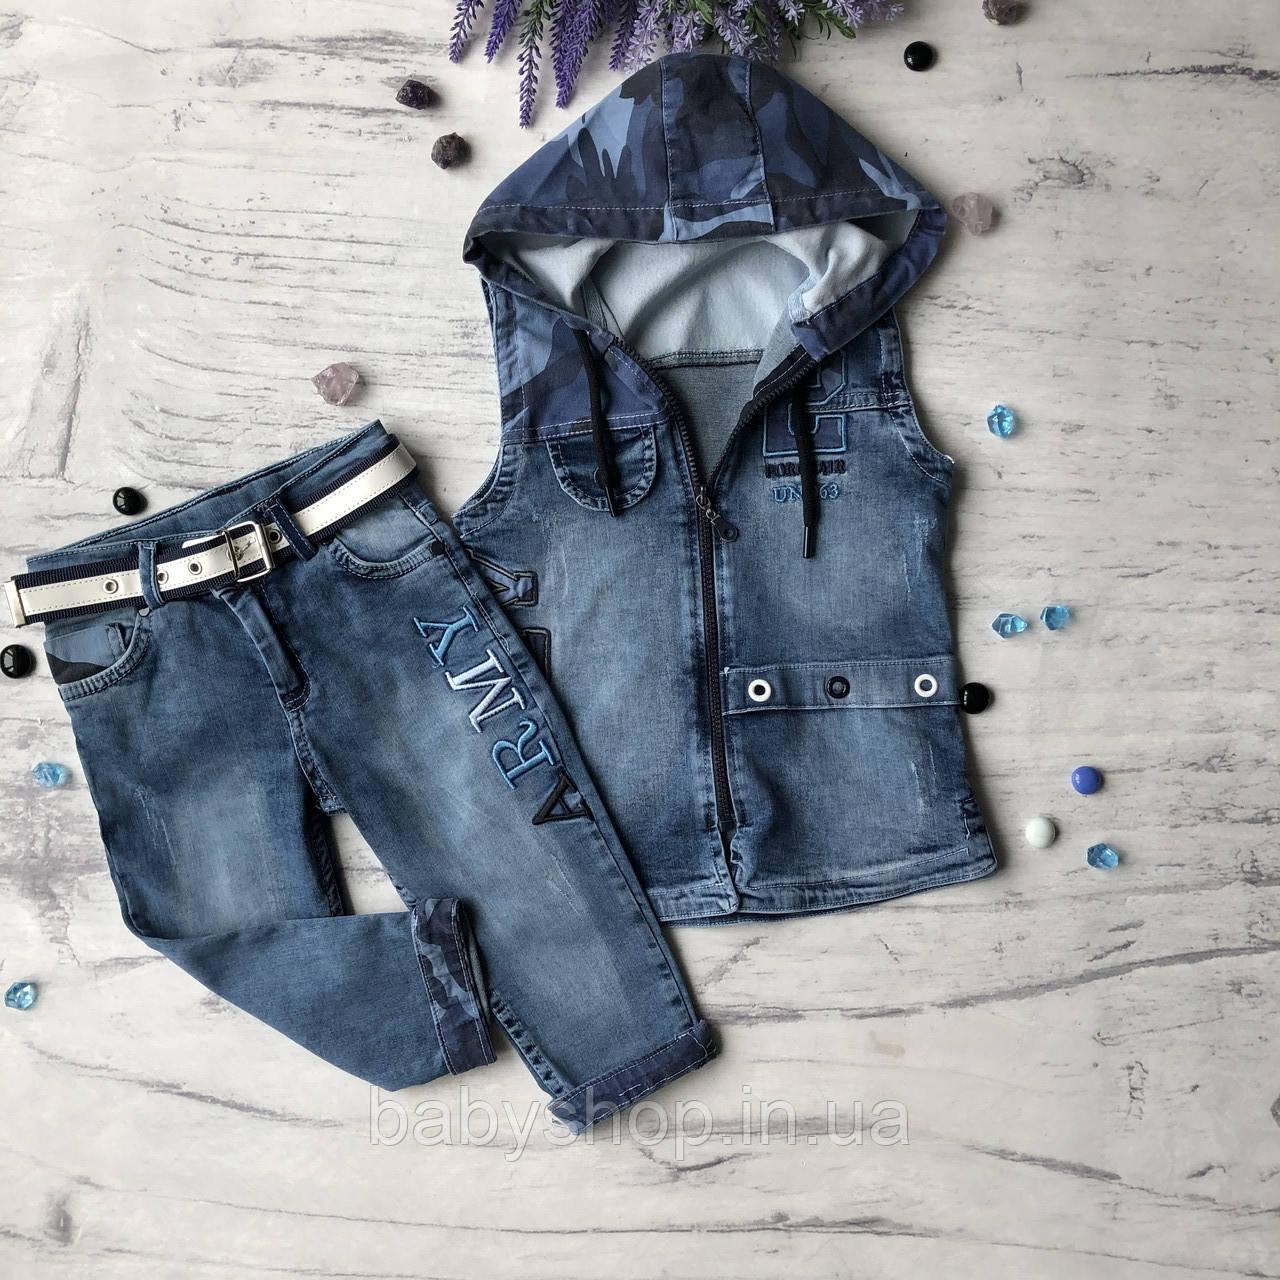 Летний джинсовый костюм на мальчика 41. Размер 8 лет